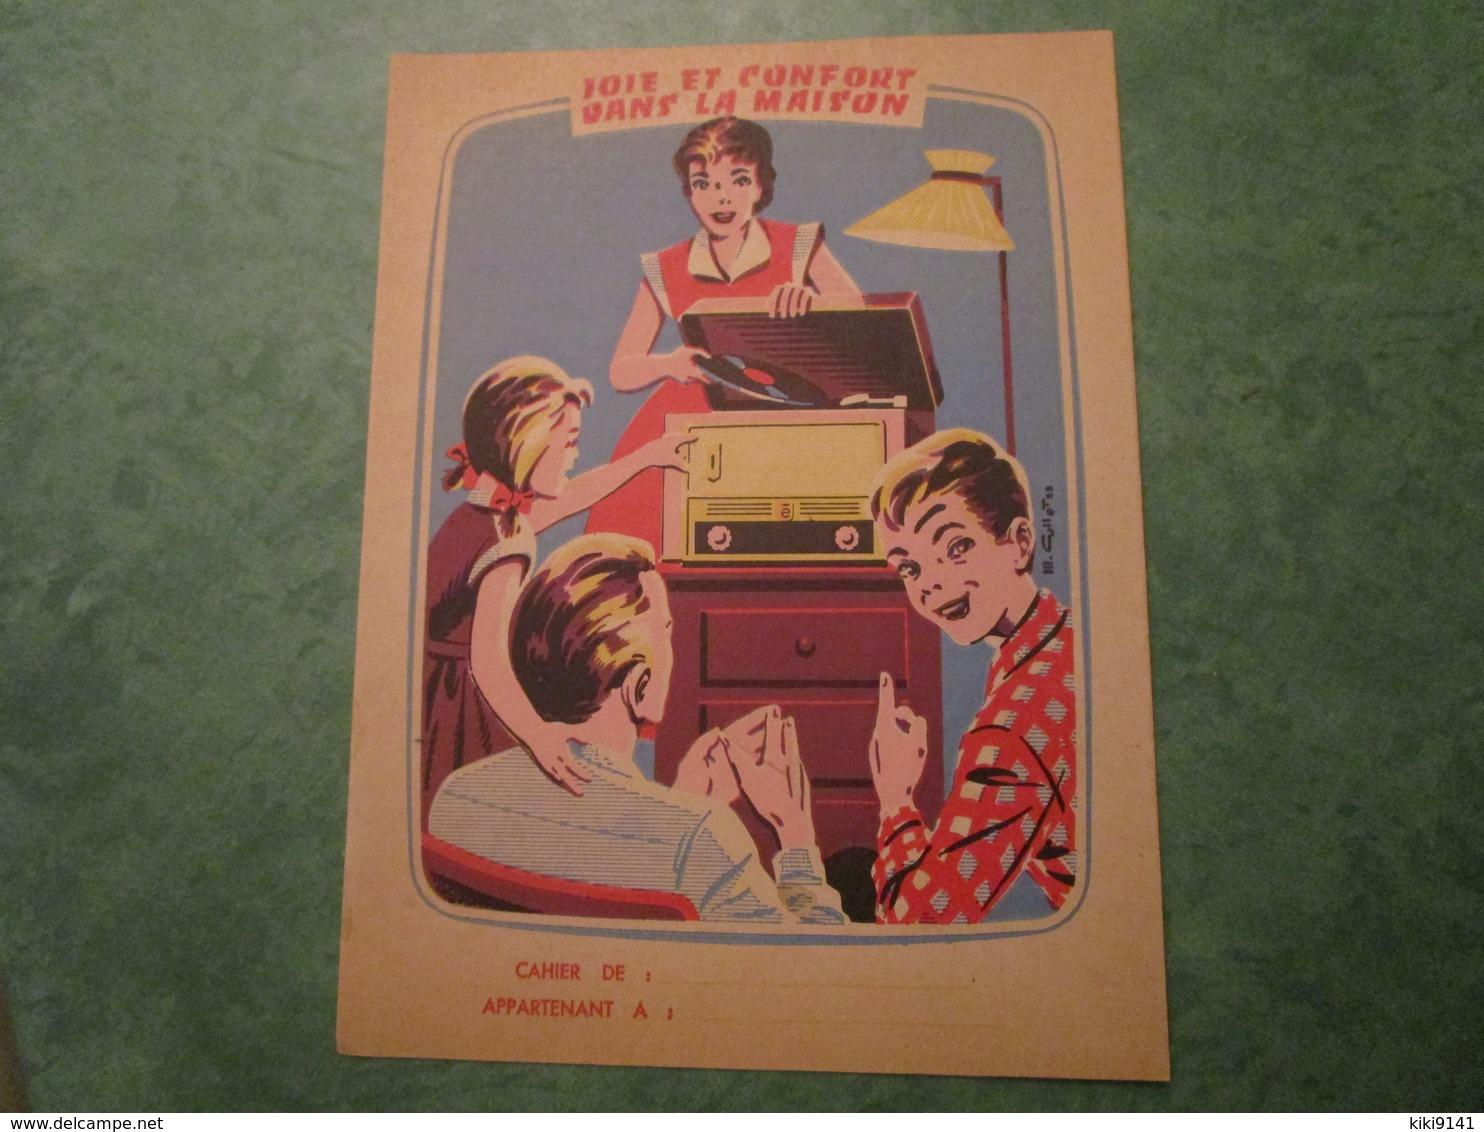 PHILIPS - Joie Et Confort Dans La Maison - Protège-cahiers